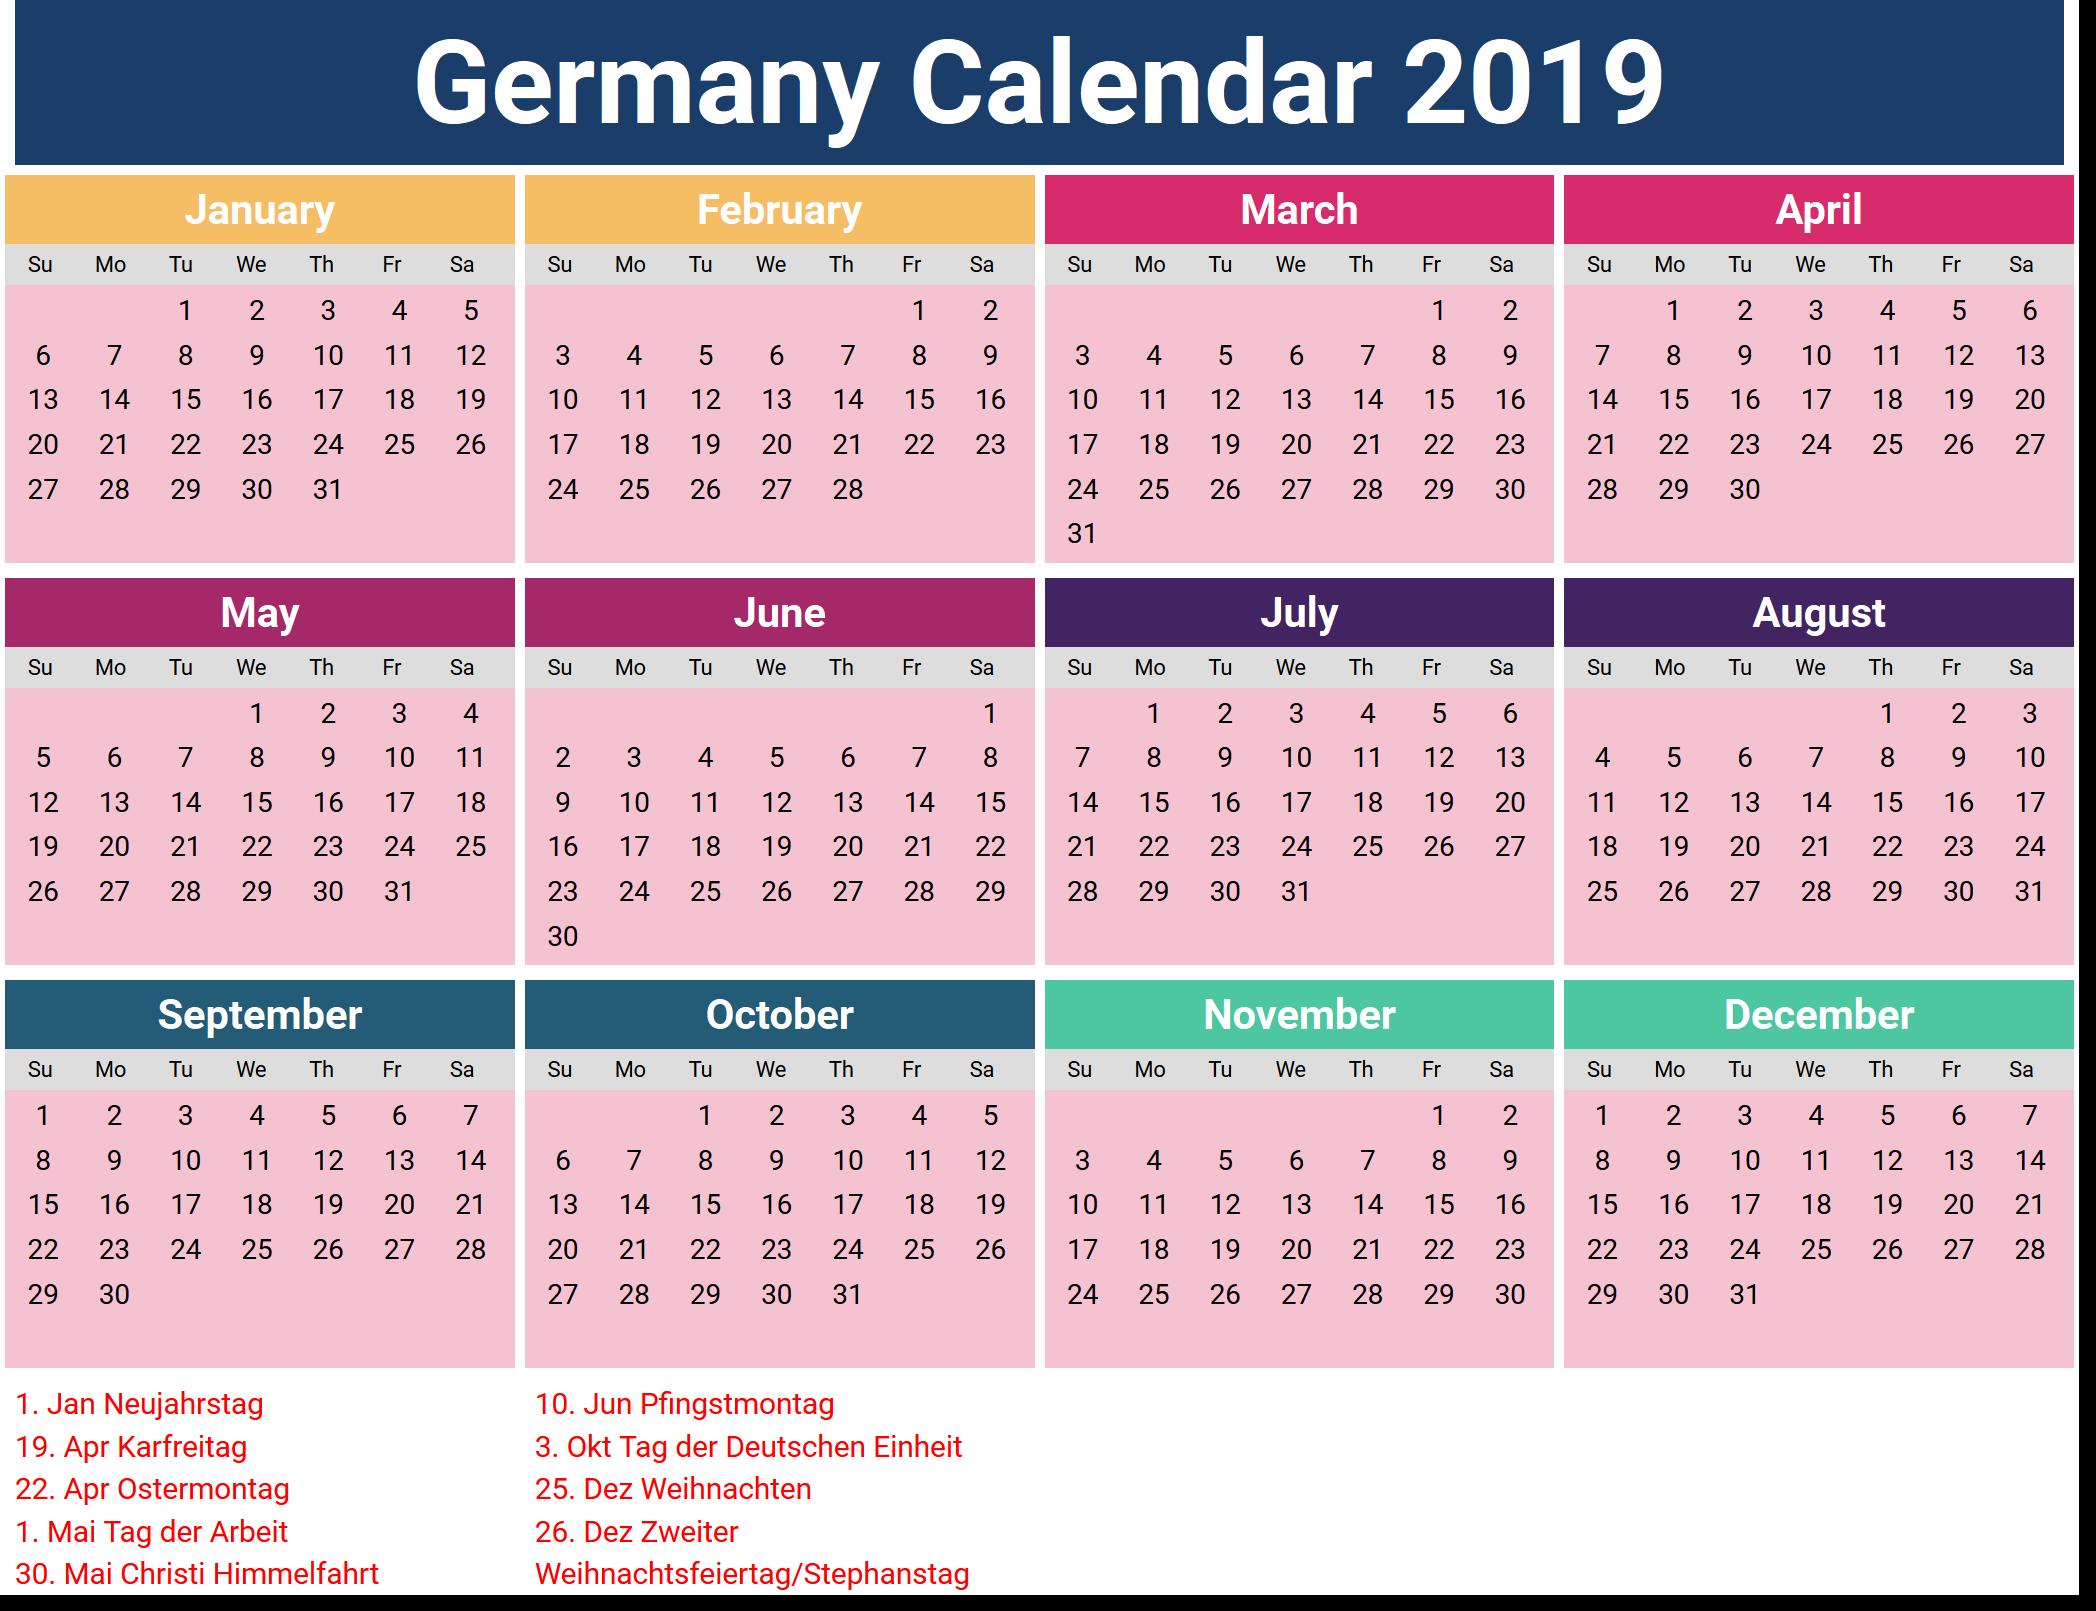 Calendar Of Holidays.February 2019 Calendar Holidays Germany Calendar Of February 2019